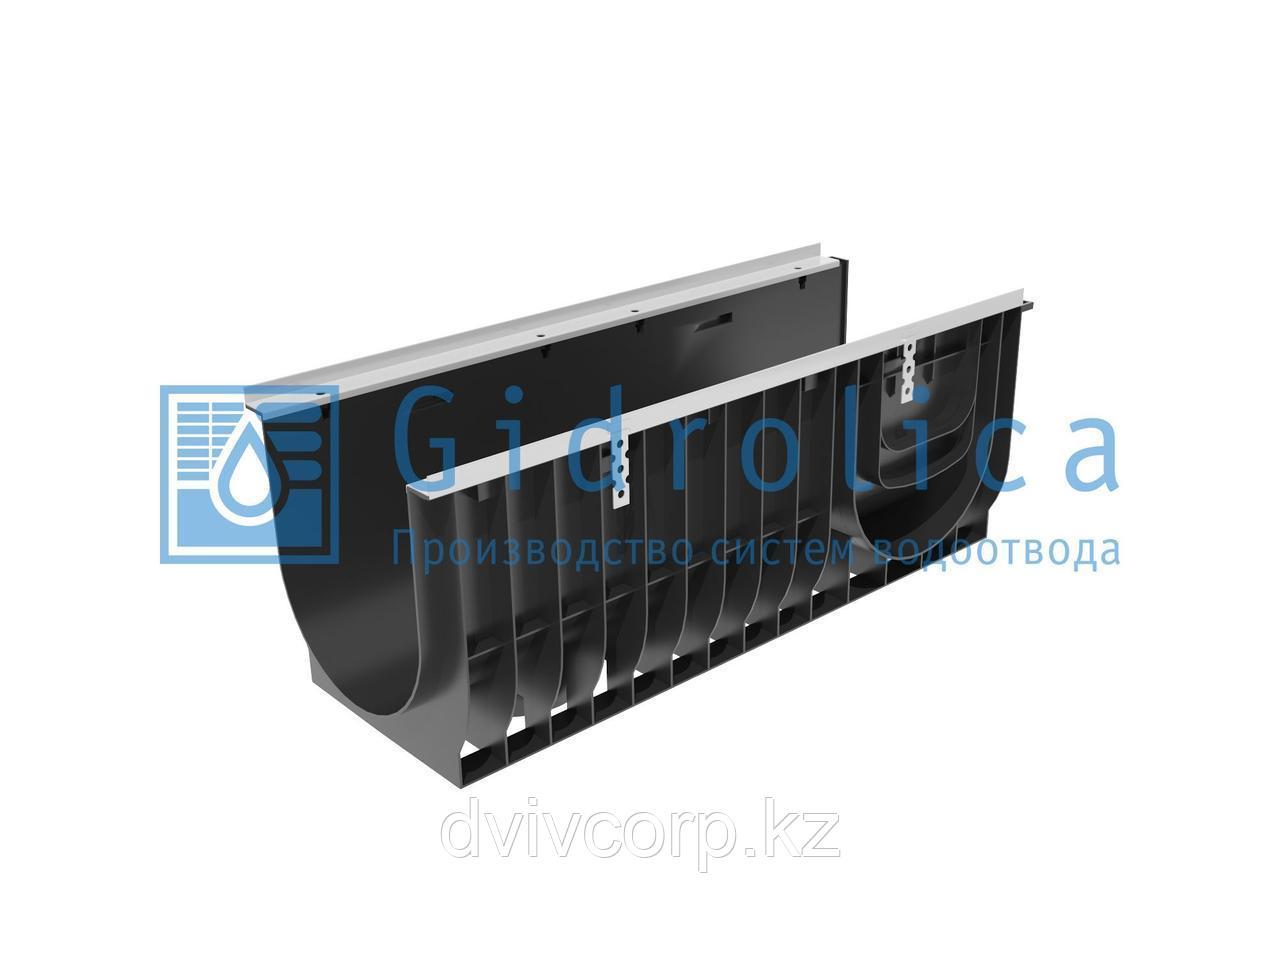 Арт. 0830 Лоток водоотводный Gidrolica Super ЛВ -30.38.39,6 - пластиковый, кл. Е600